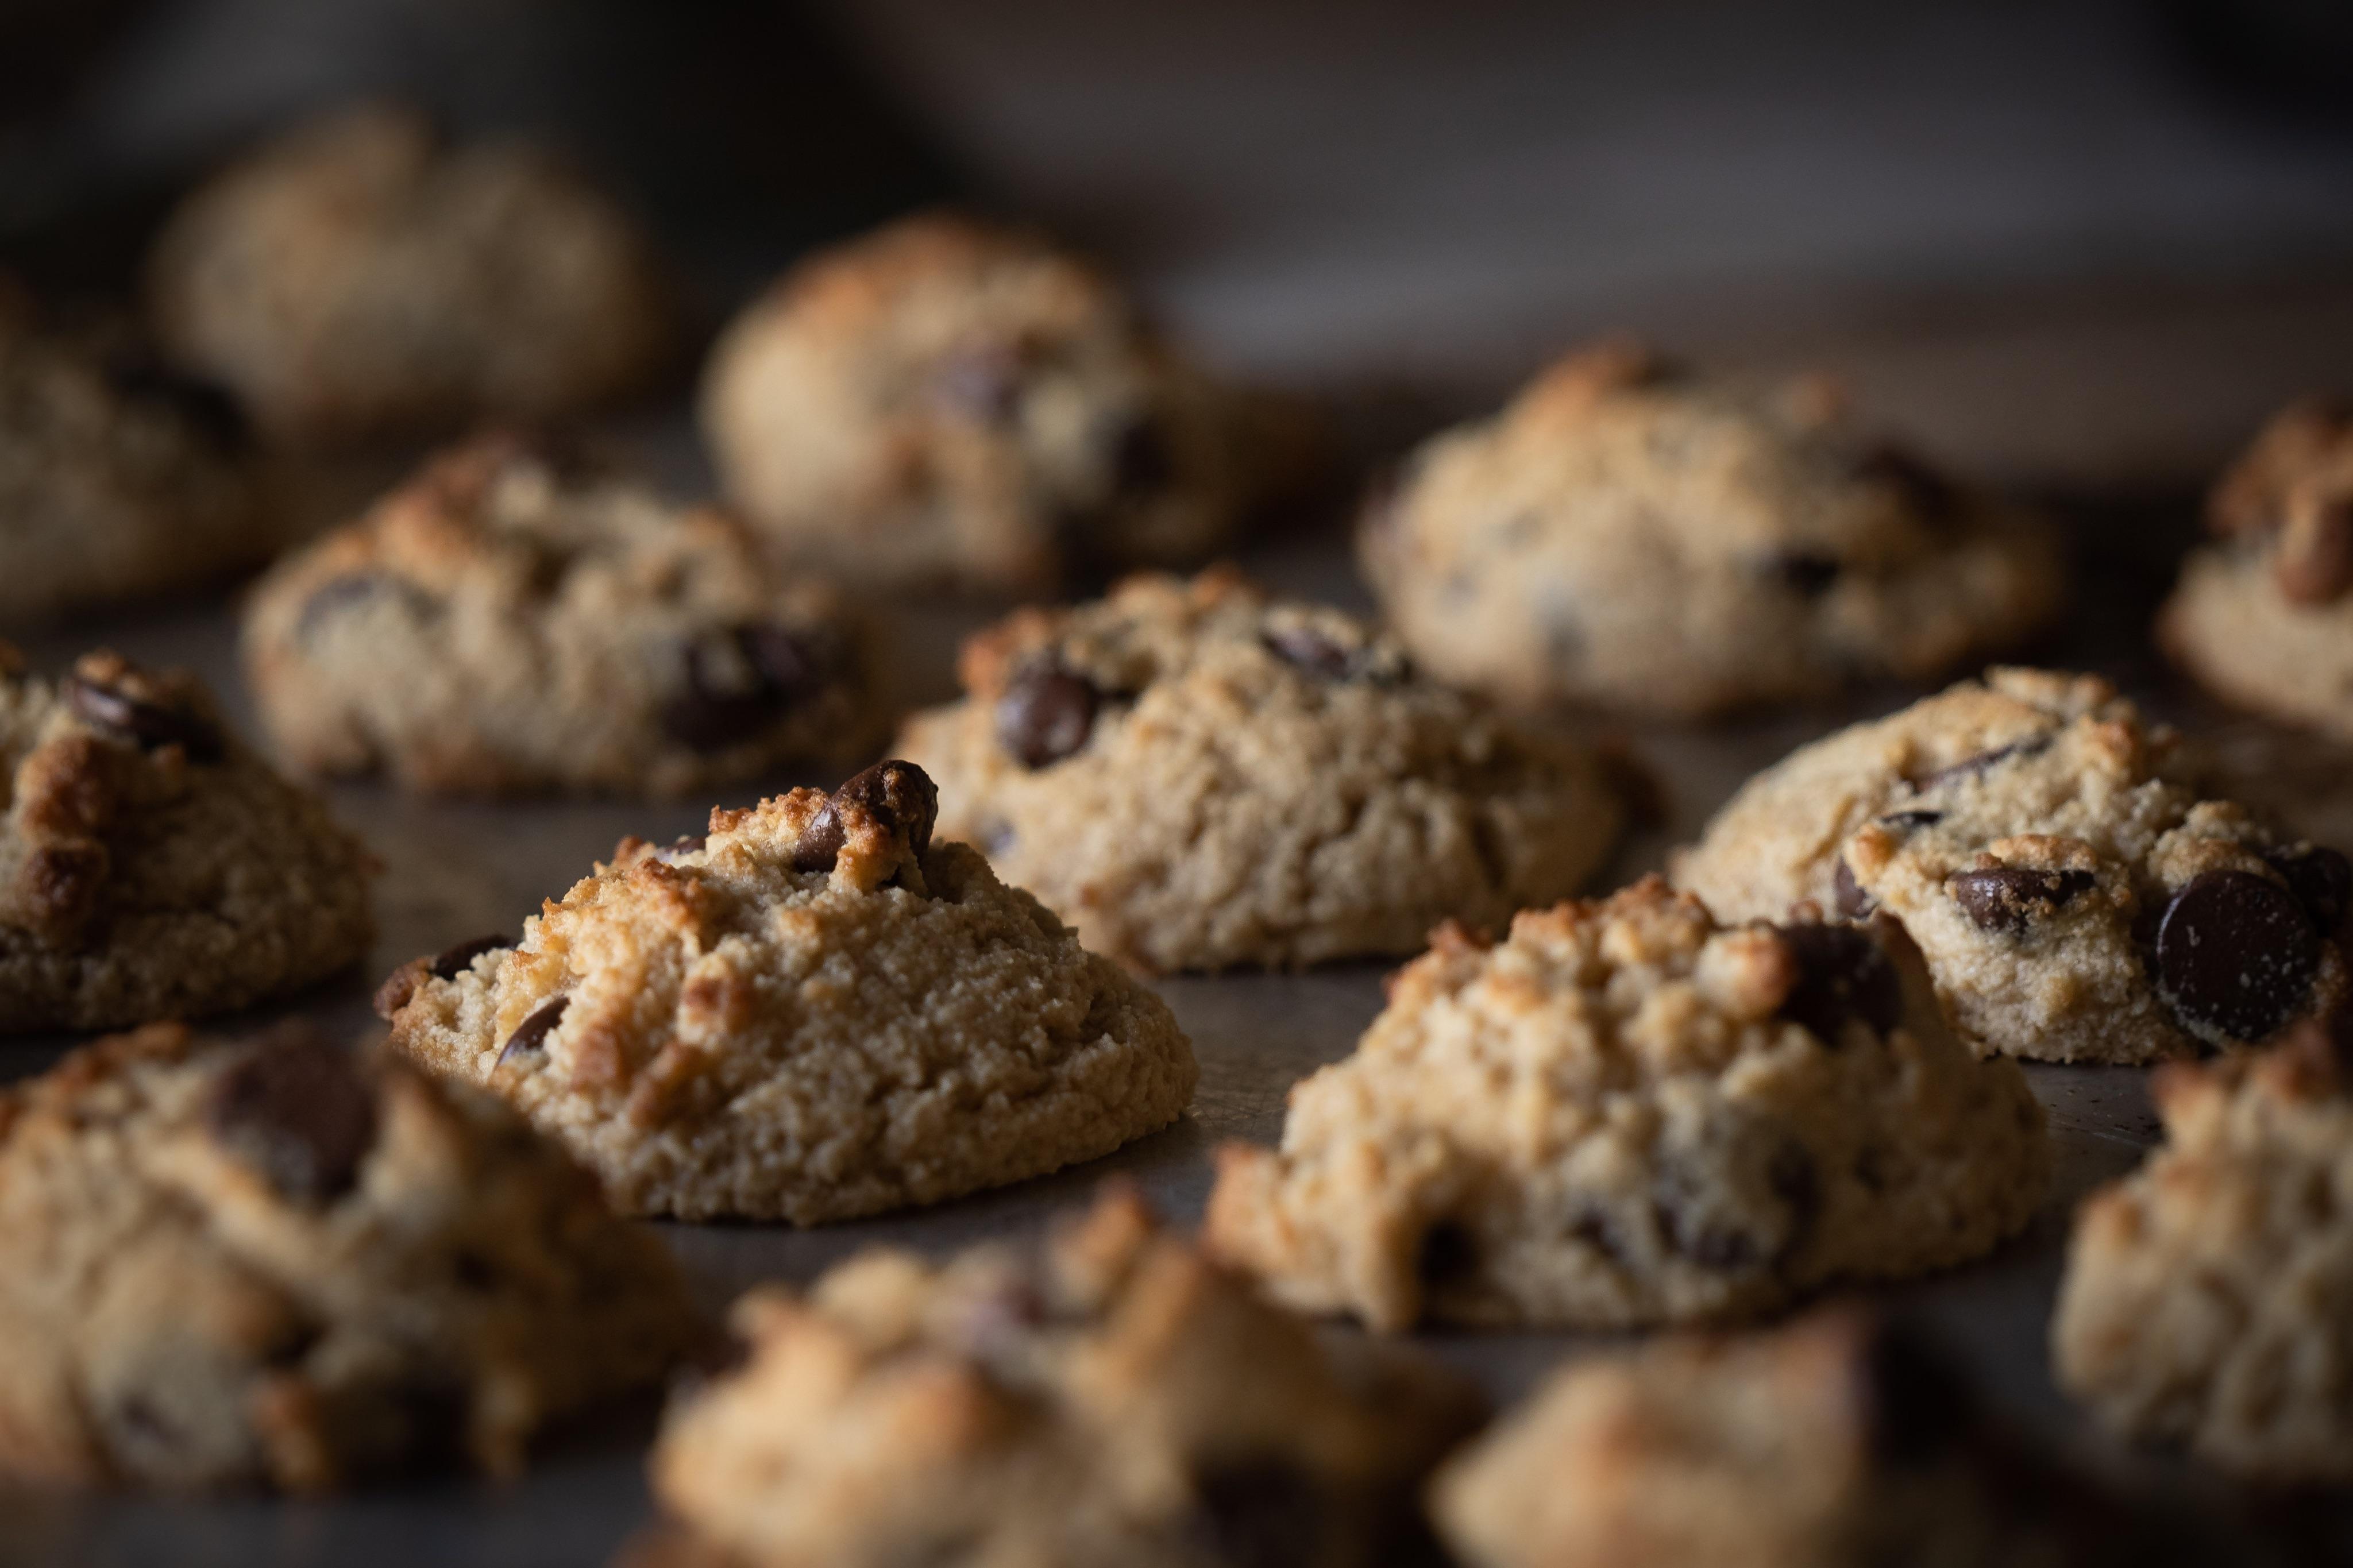 可口的, 好吃的, 巧克力碎片餅乾 的免費圖庫相片